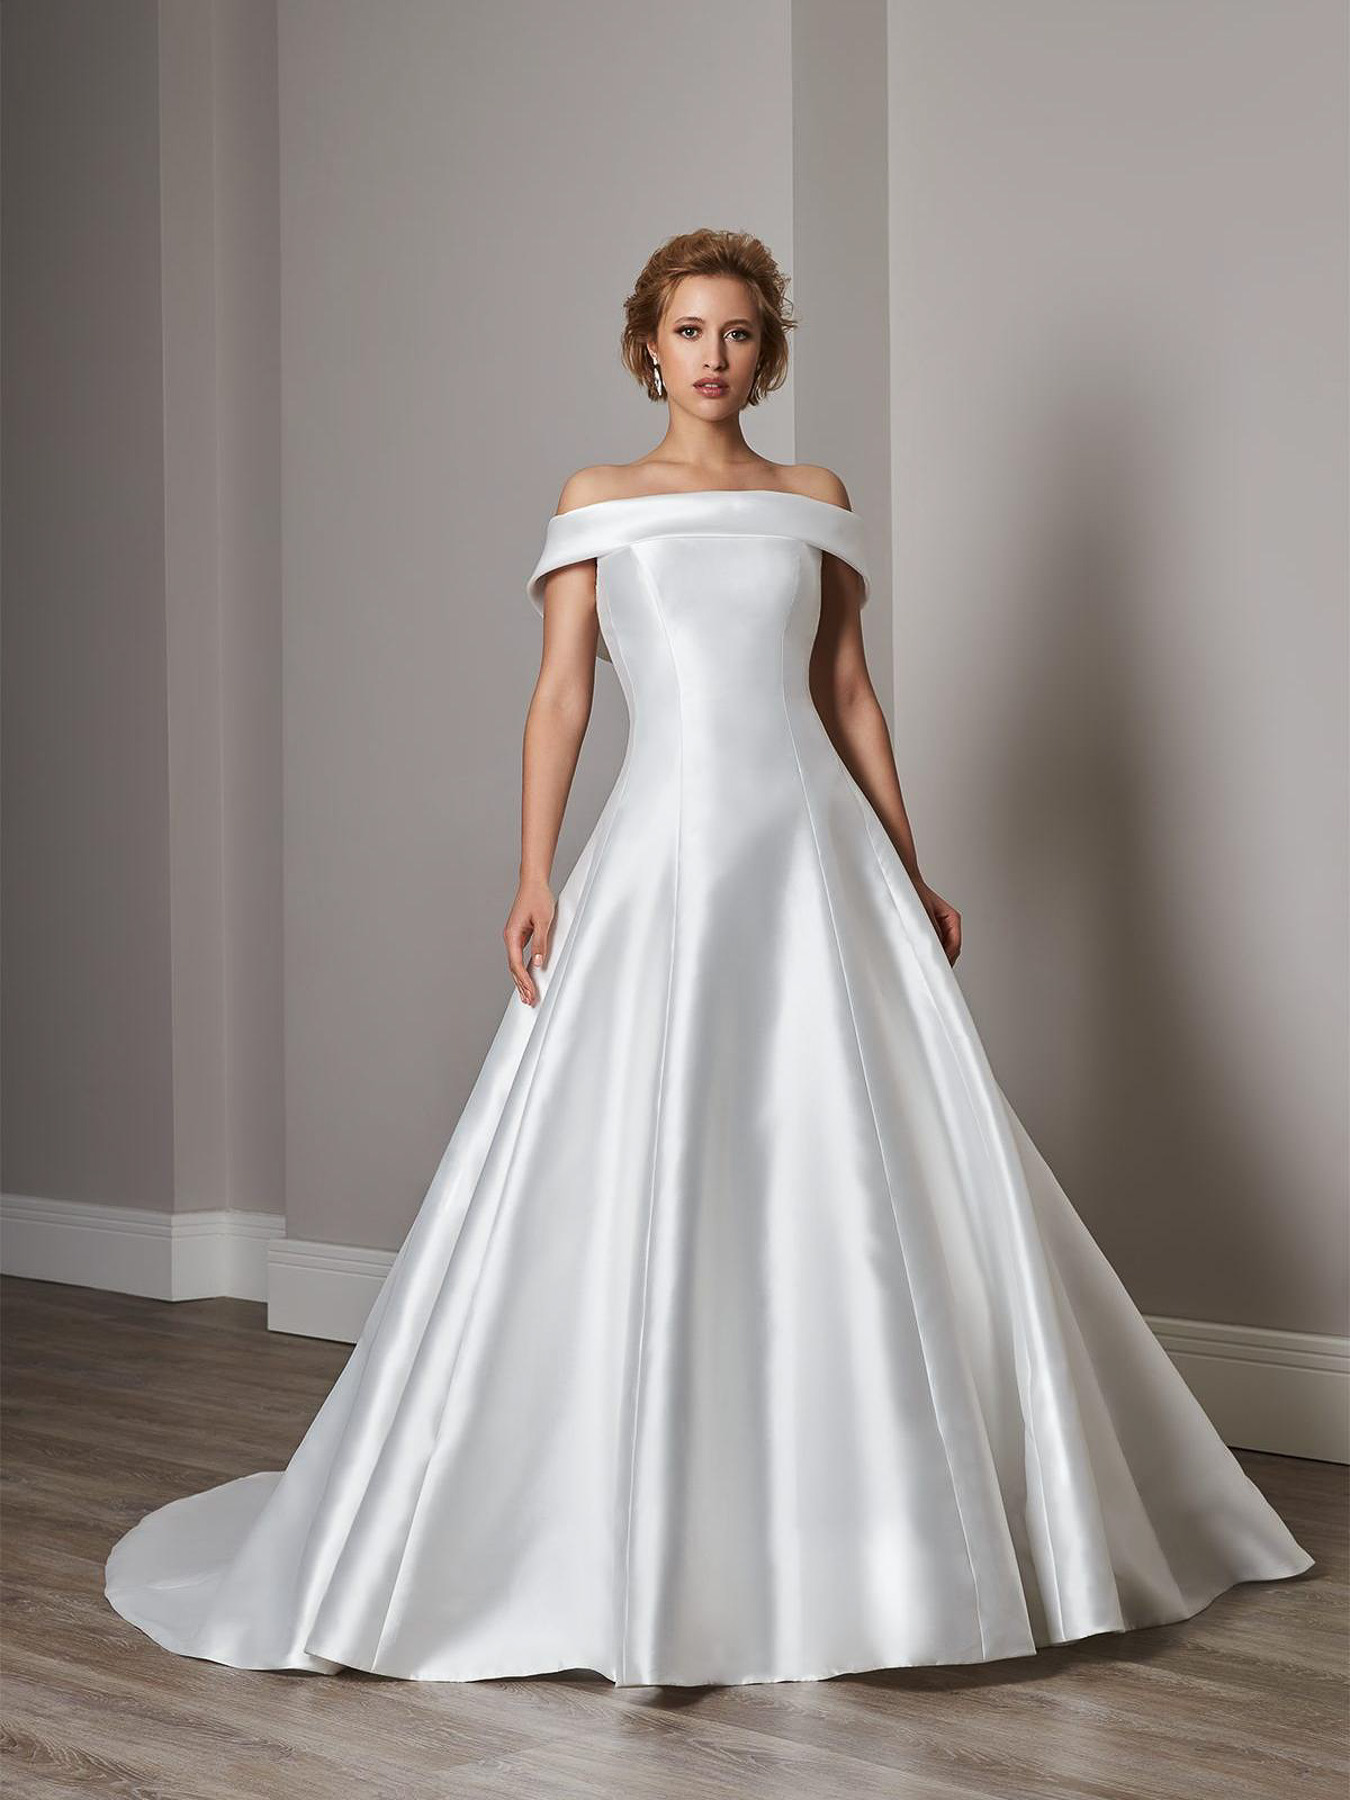 Sassi Holford wedding dress   Sample Sale at Brides of Winchester   Brides of Winchester   Hampshire Bridal Boutique   Designer wedding boutique